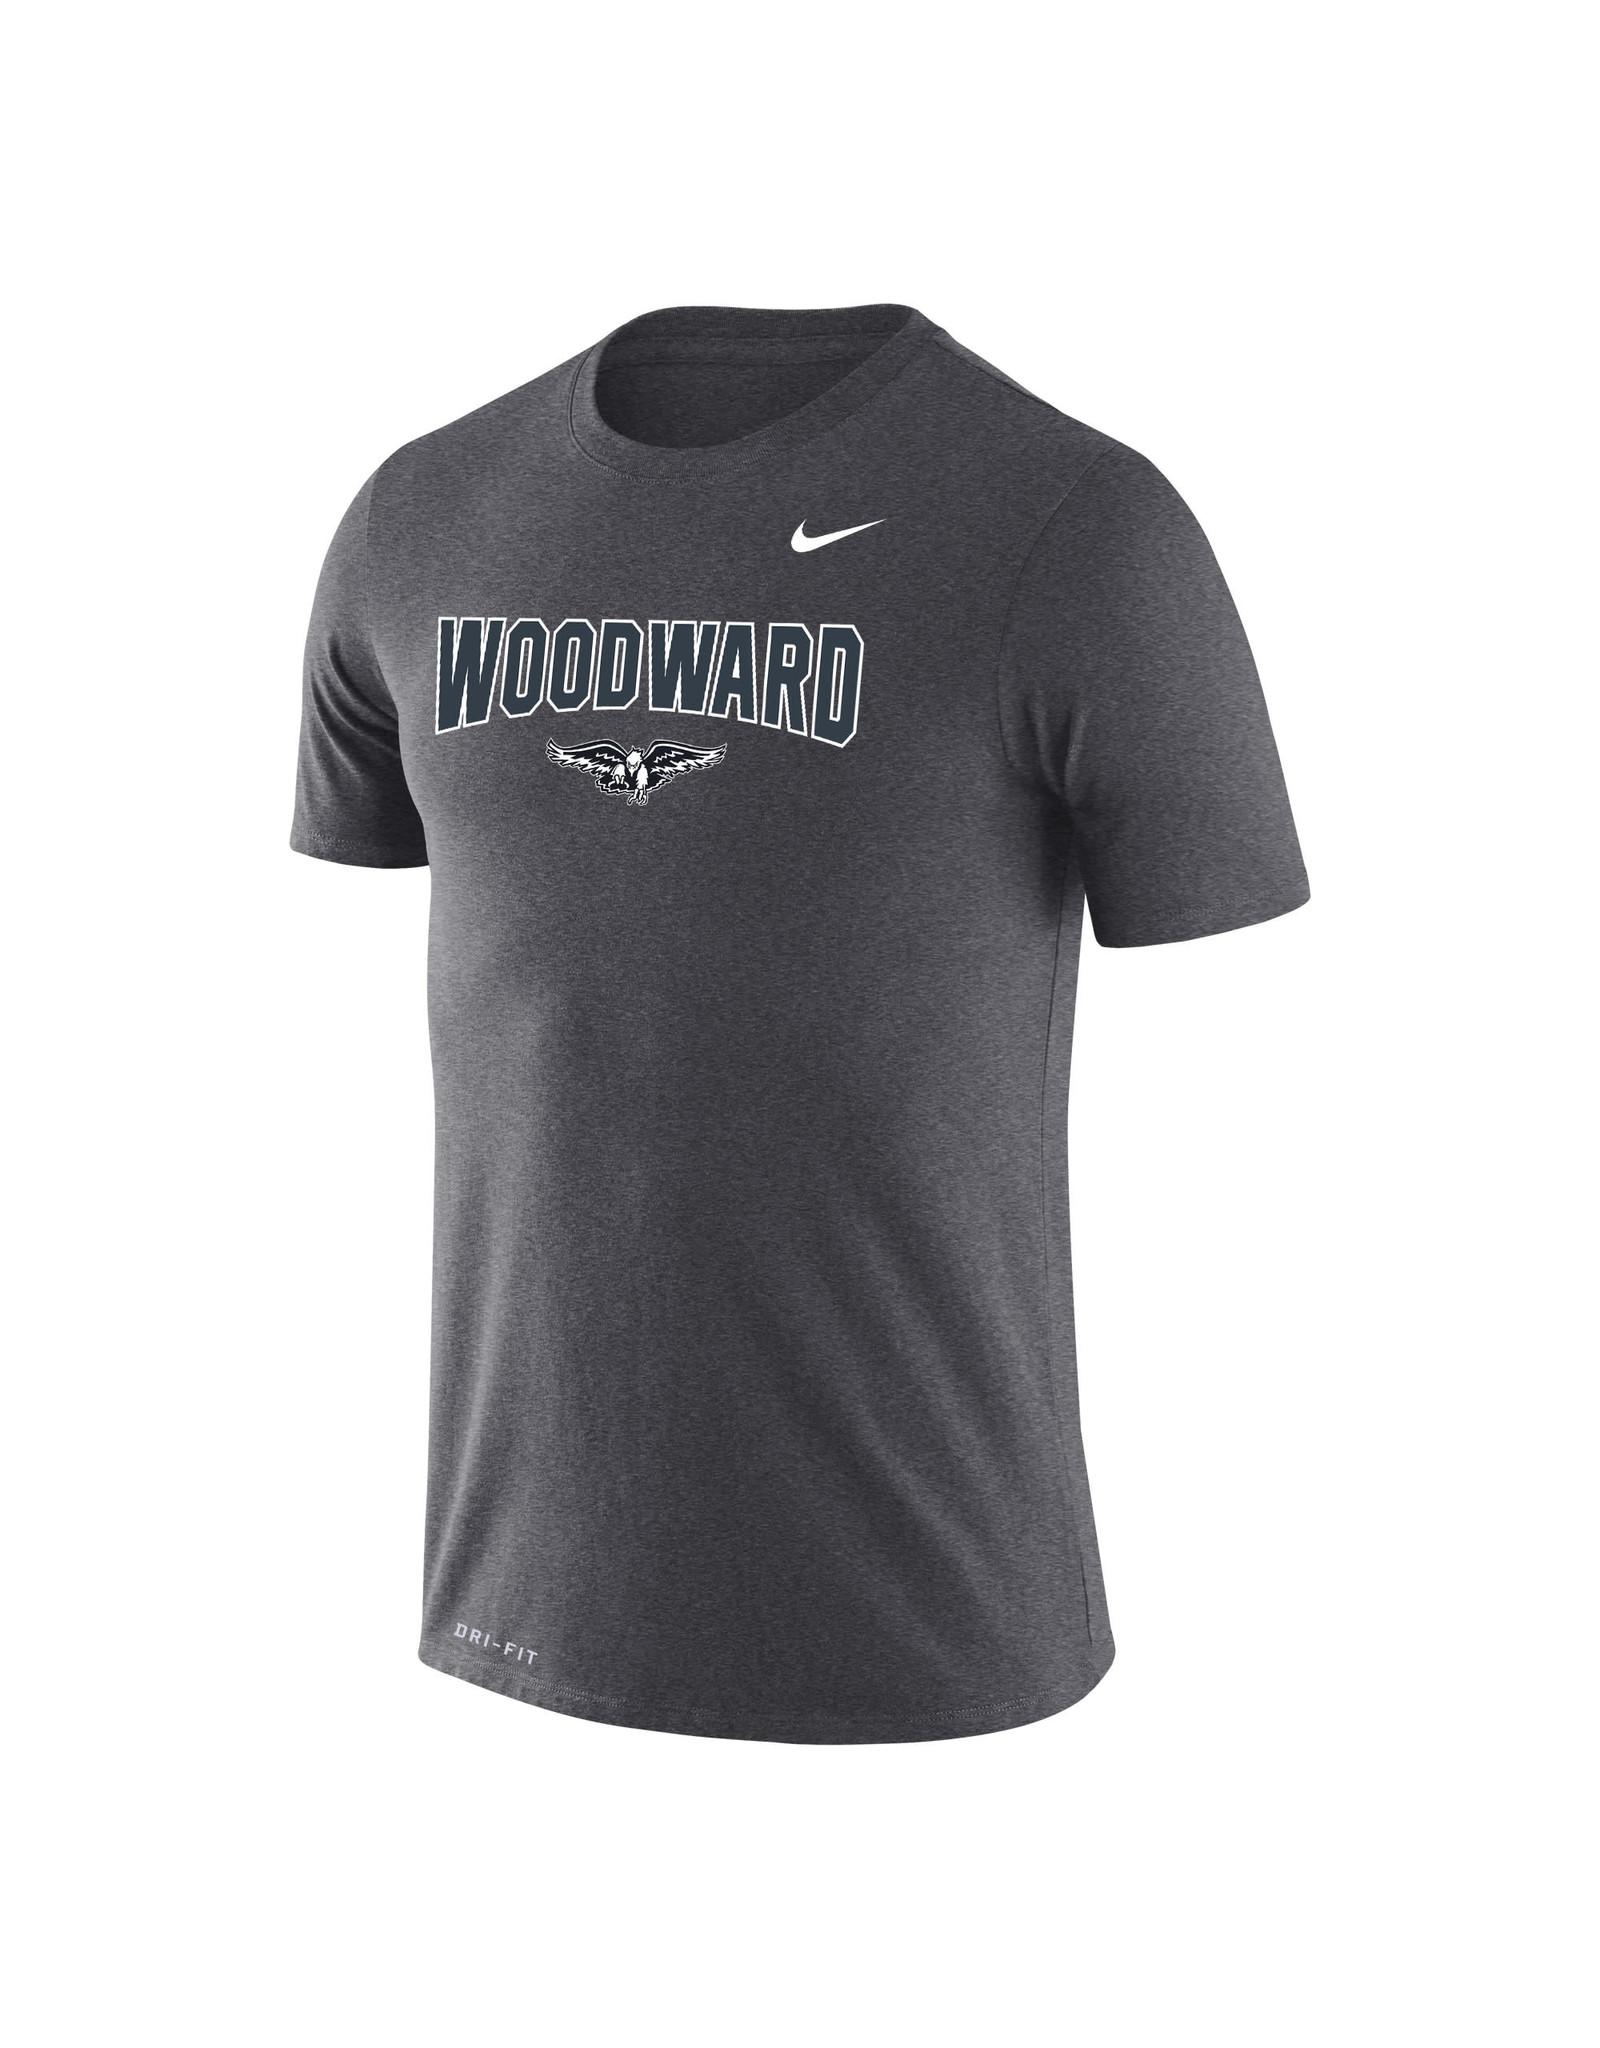 NIKE Legend Dri-Fit SS T Shirt in Dark Heather (2XL)